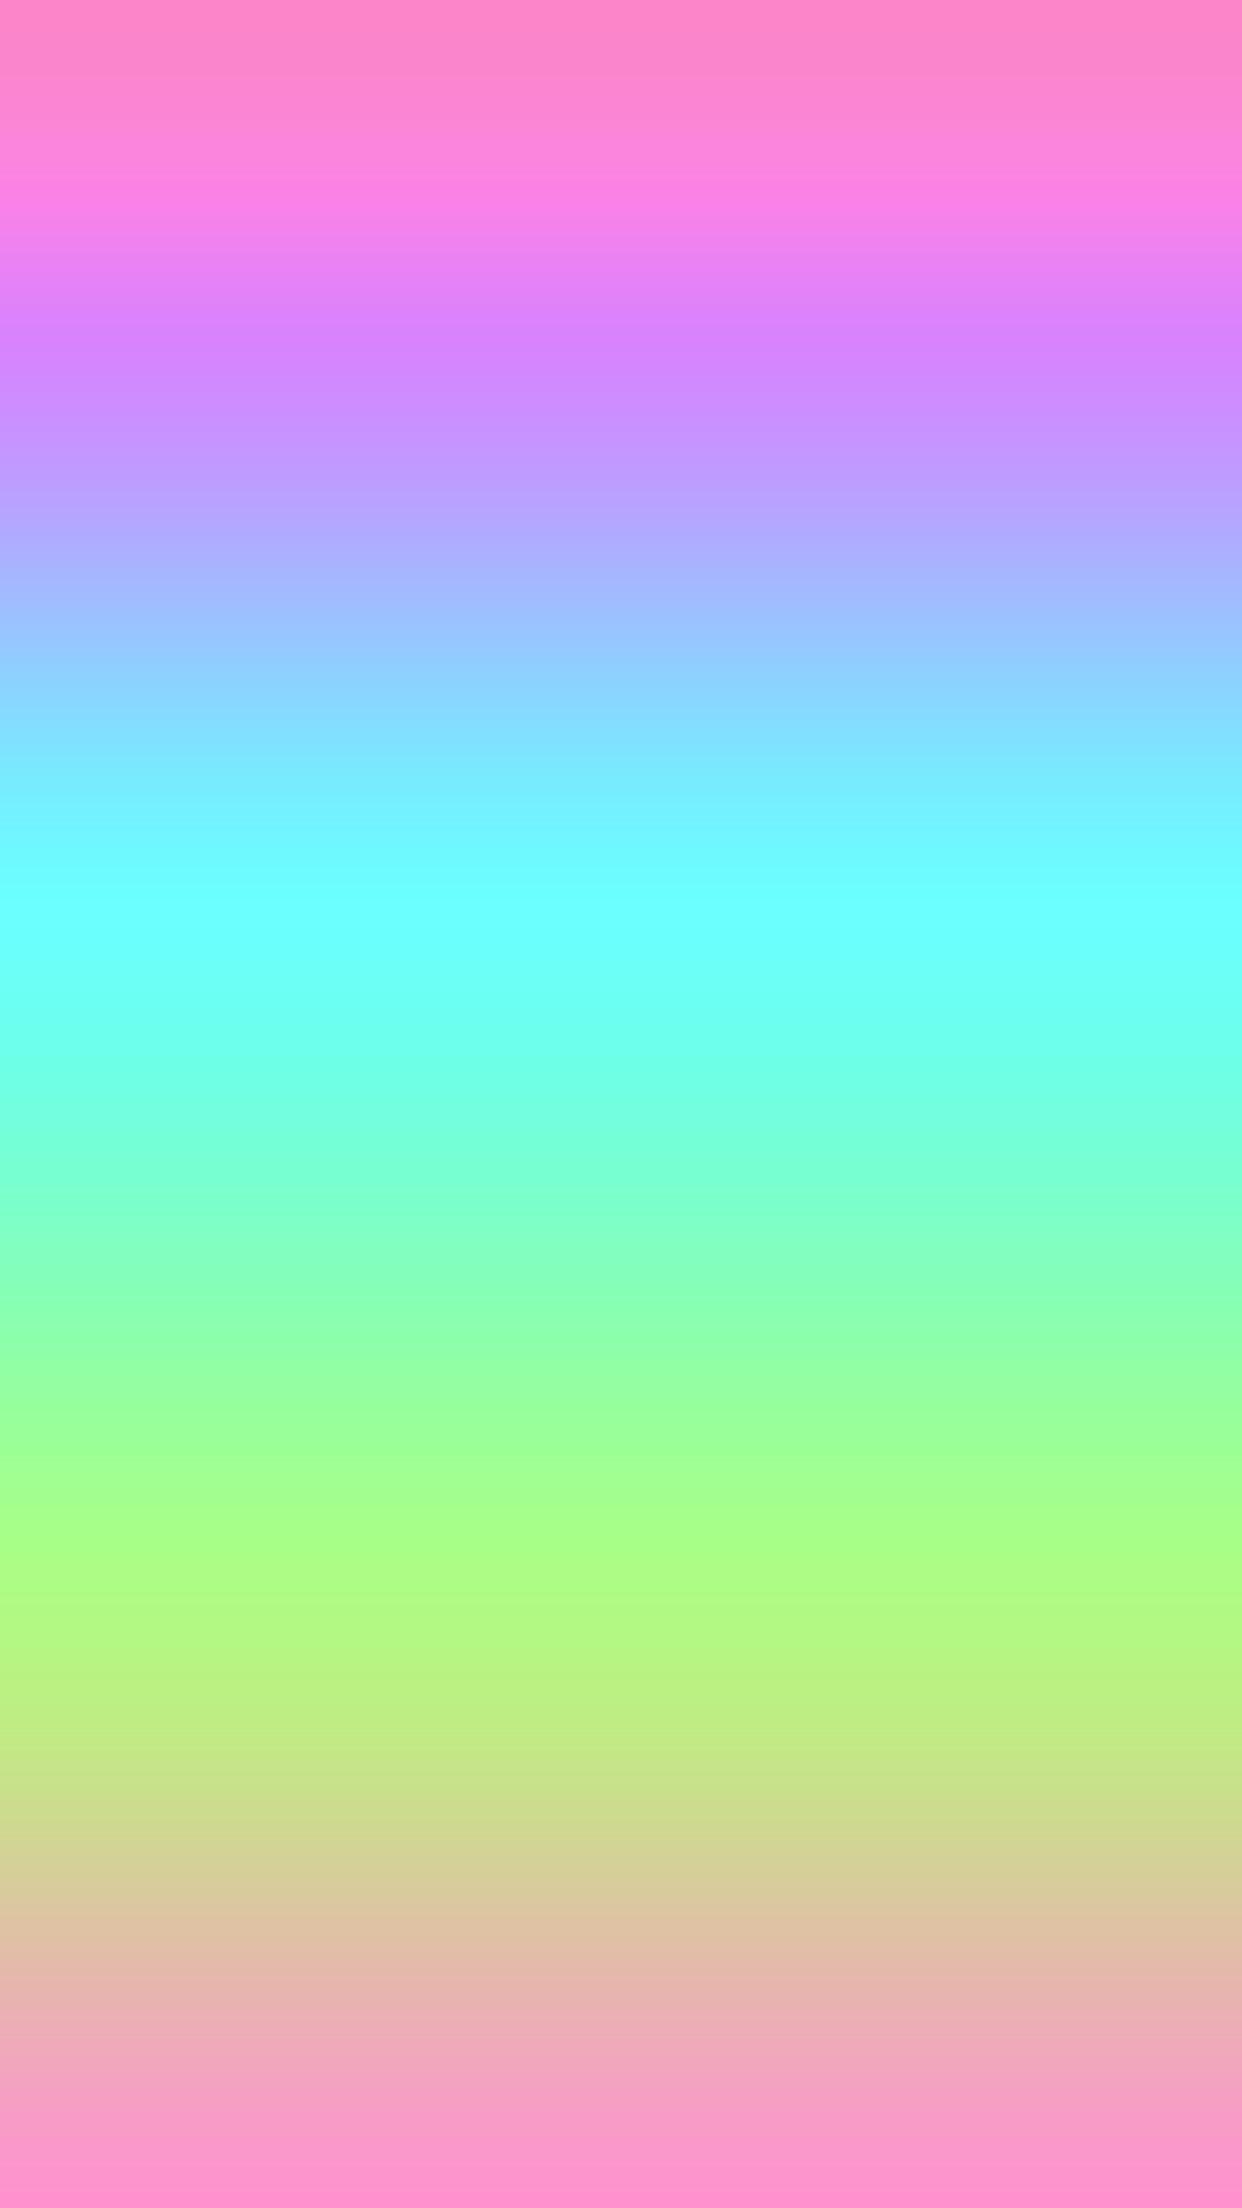 Purple HD Wallpapers   Blue Purple Pink   Pinterest   Hd wallpaper, Purple  and Wallpaper